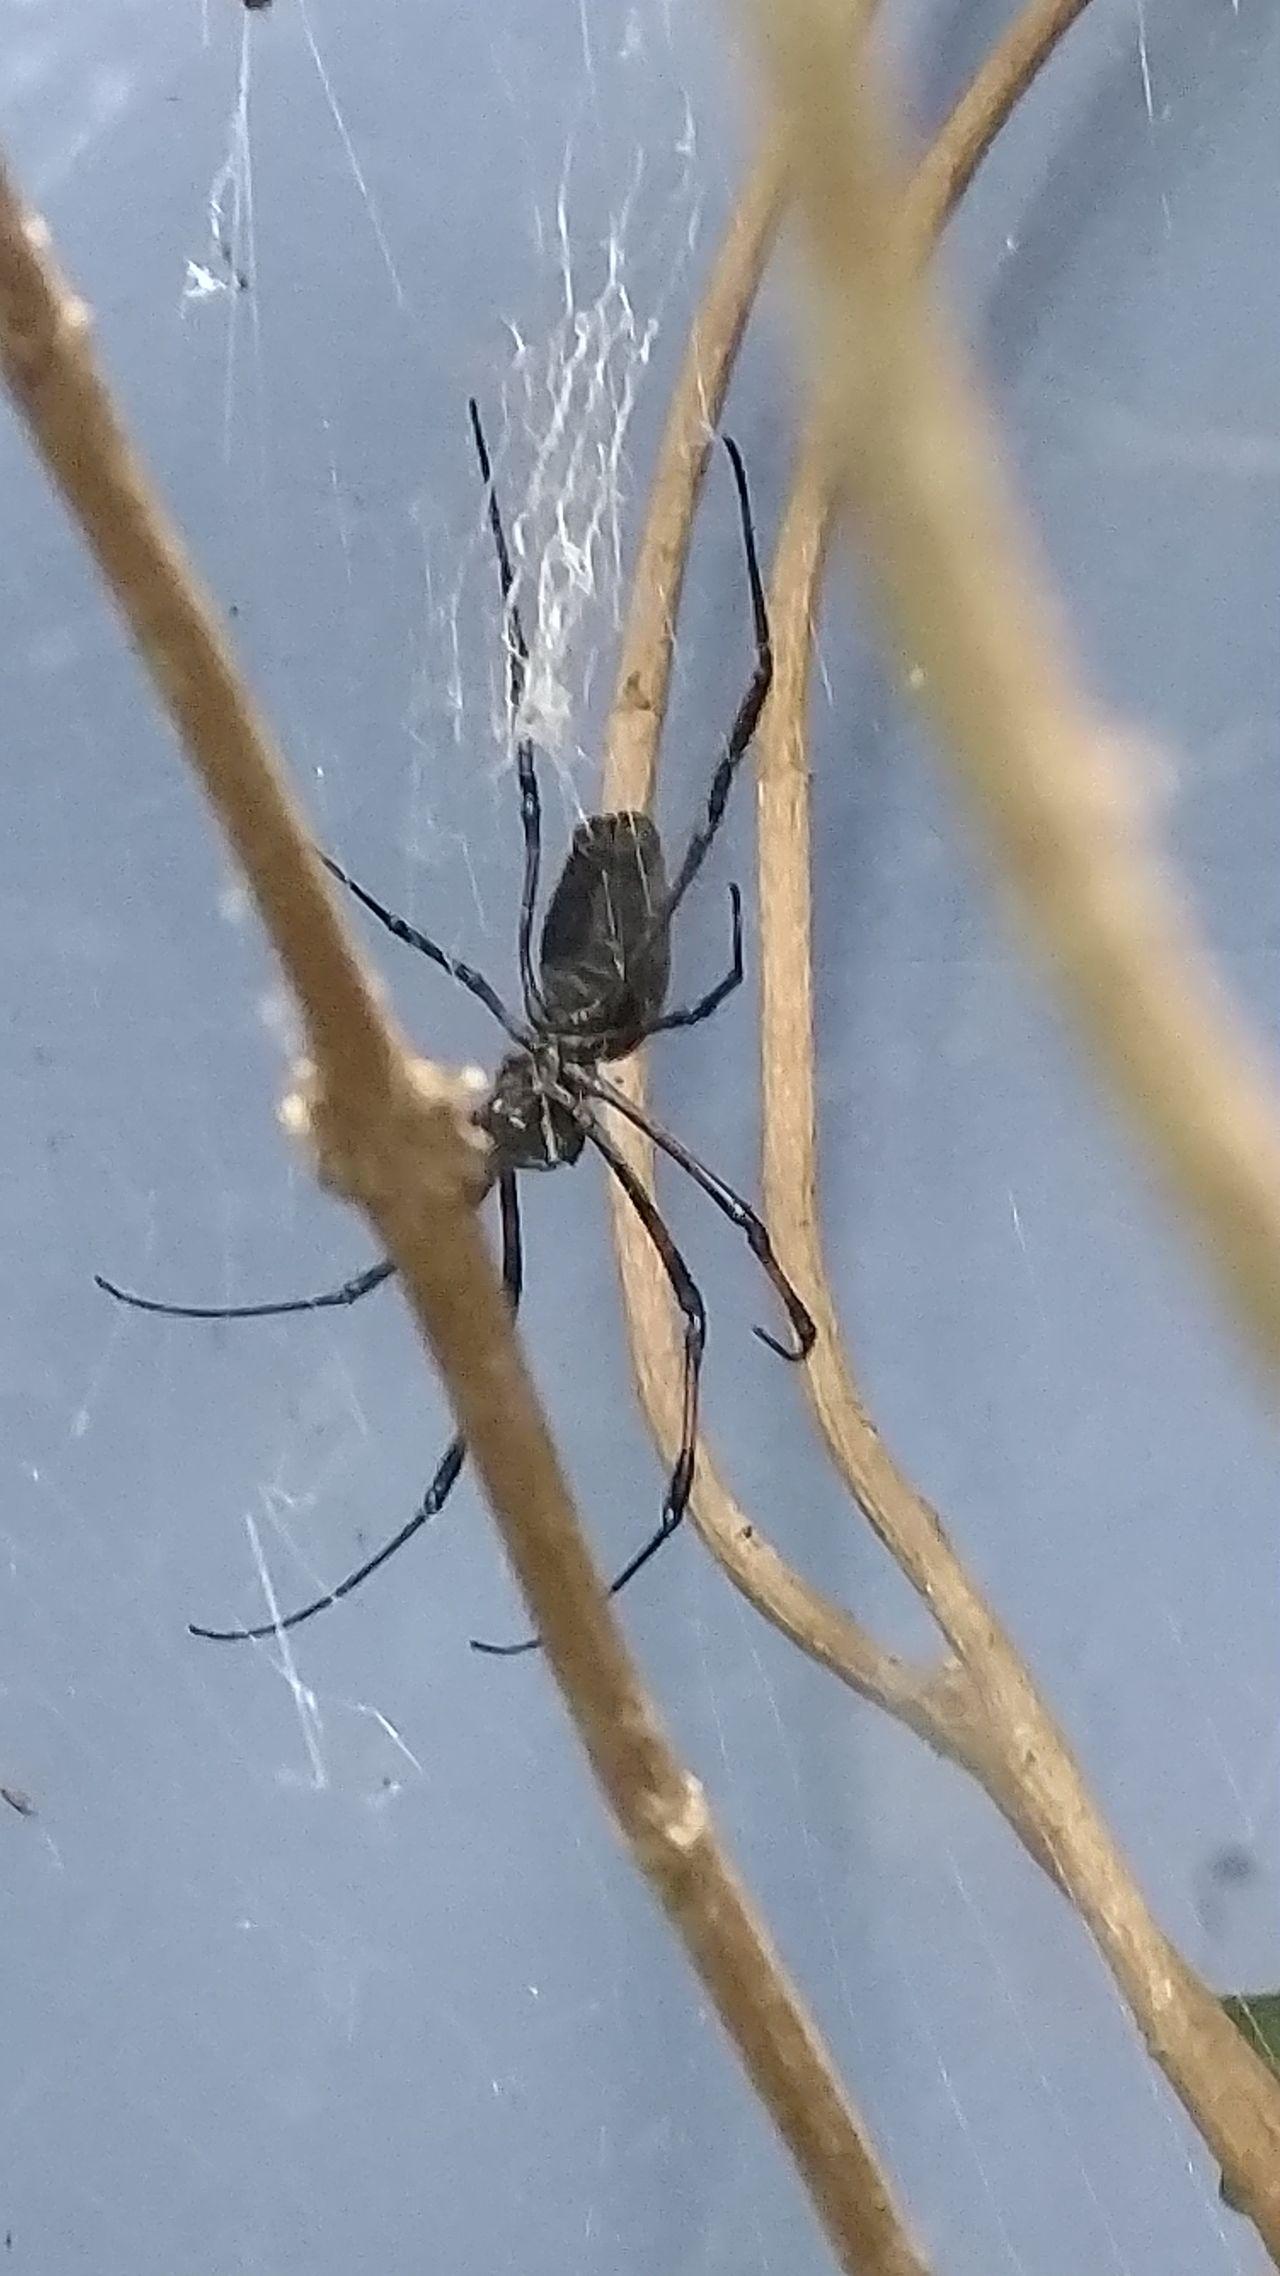 Black Spider Spider Spiderweb Art Is Everywhere The Secret Spaces